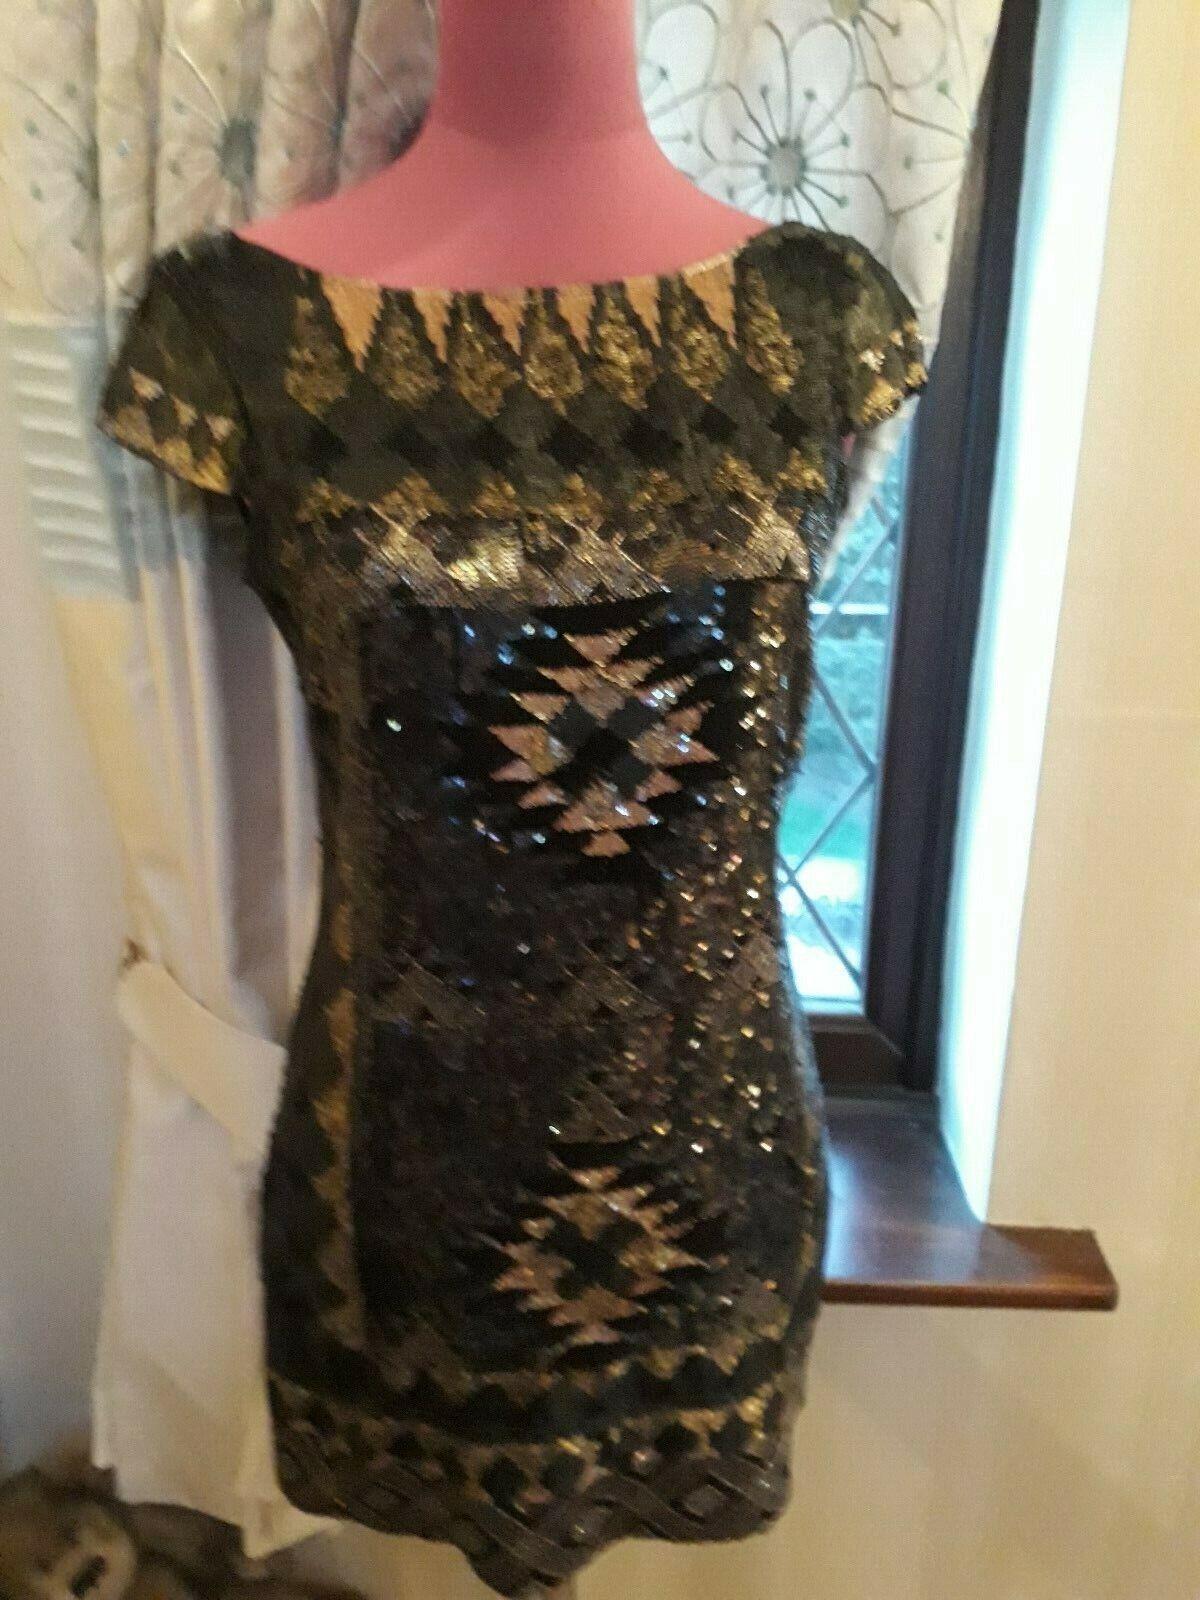 Stunning  All Saints Paloma Sequin Dress schwarz Größe 8 VGC